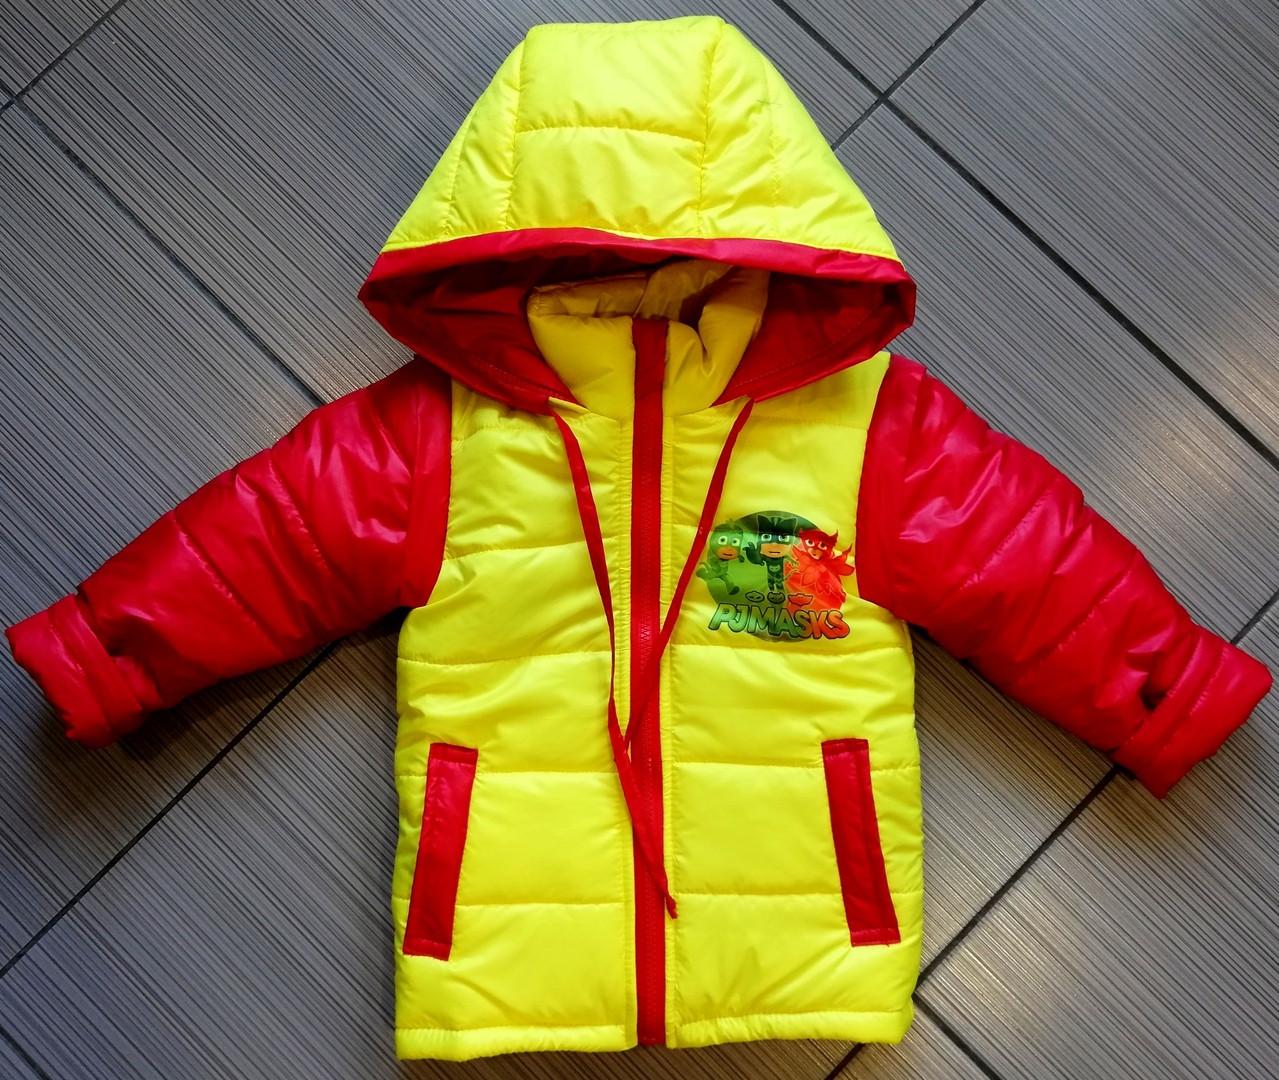 Демисезонная детская куртка ГЕРОИ В МАСКАХ с отстегными рукавами